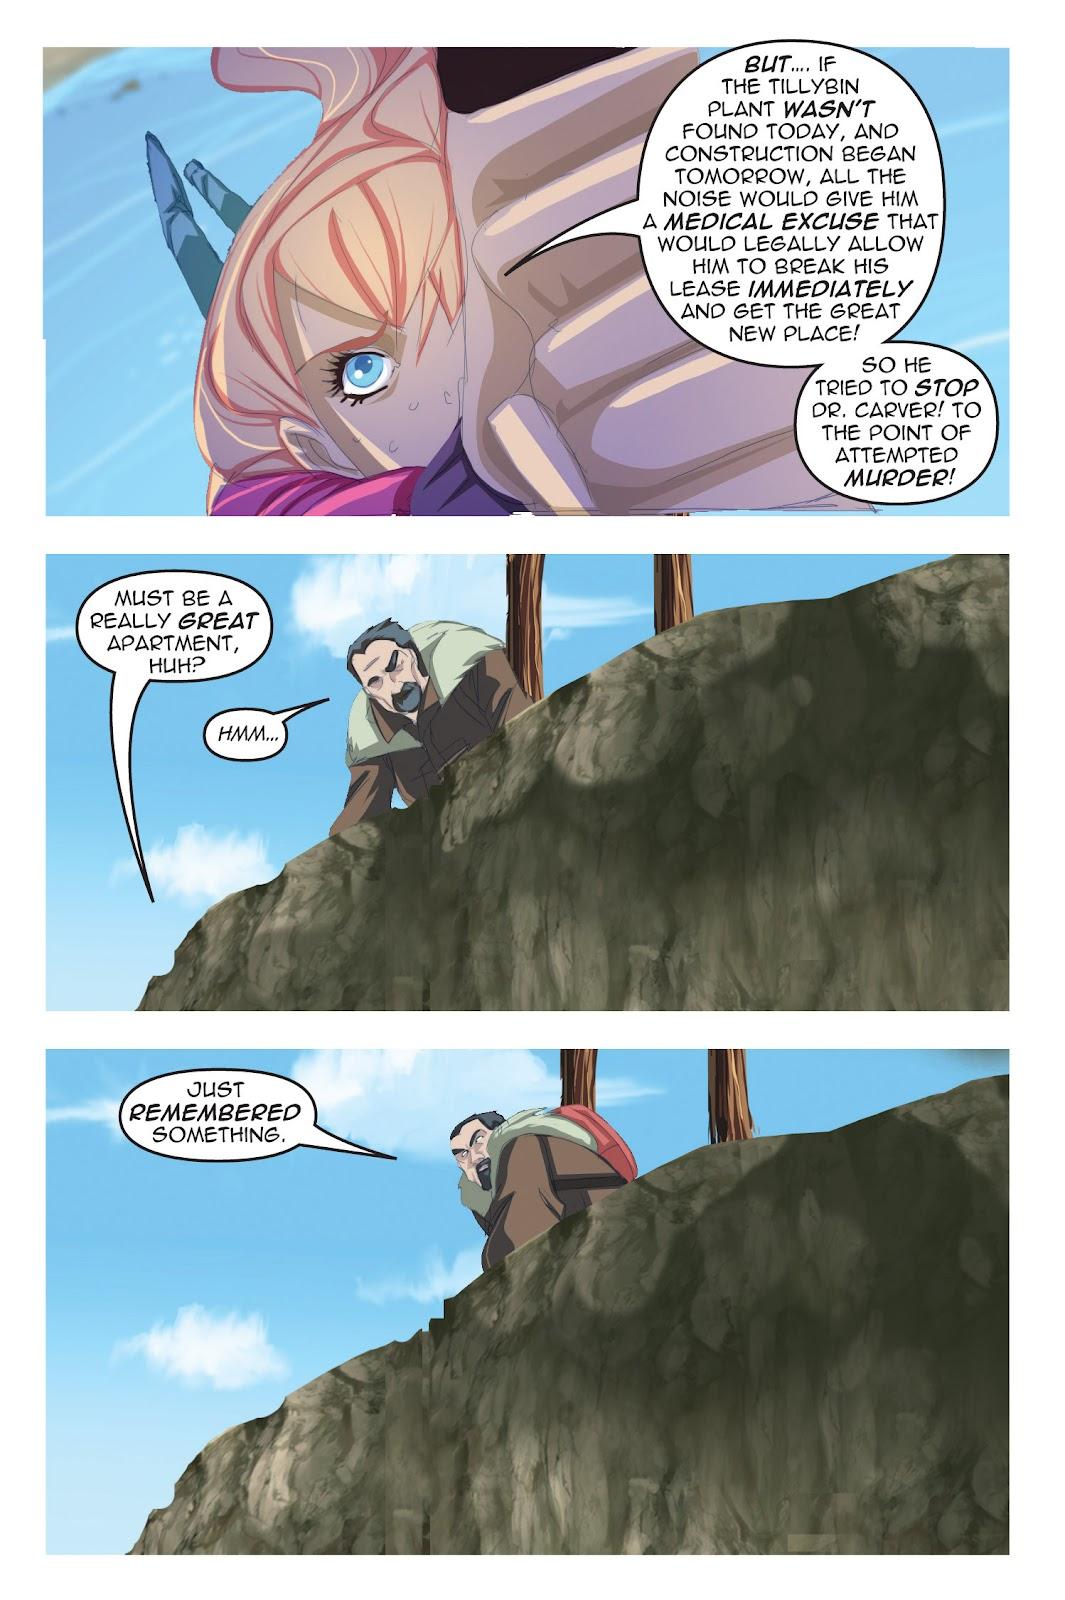 Read online Nancy Drew comic -  Issue #19 - 63